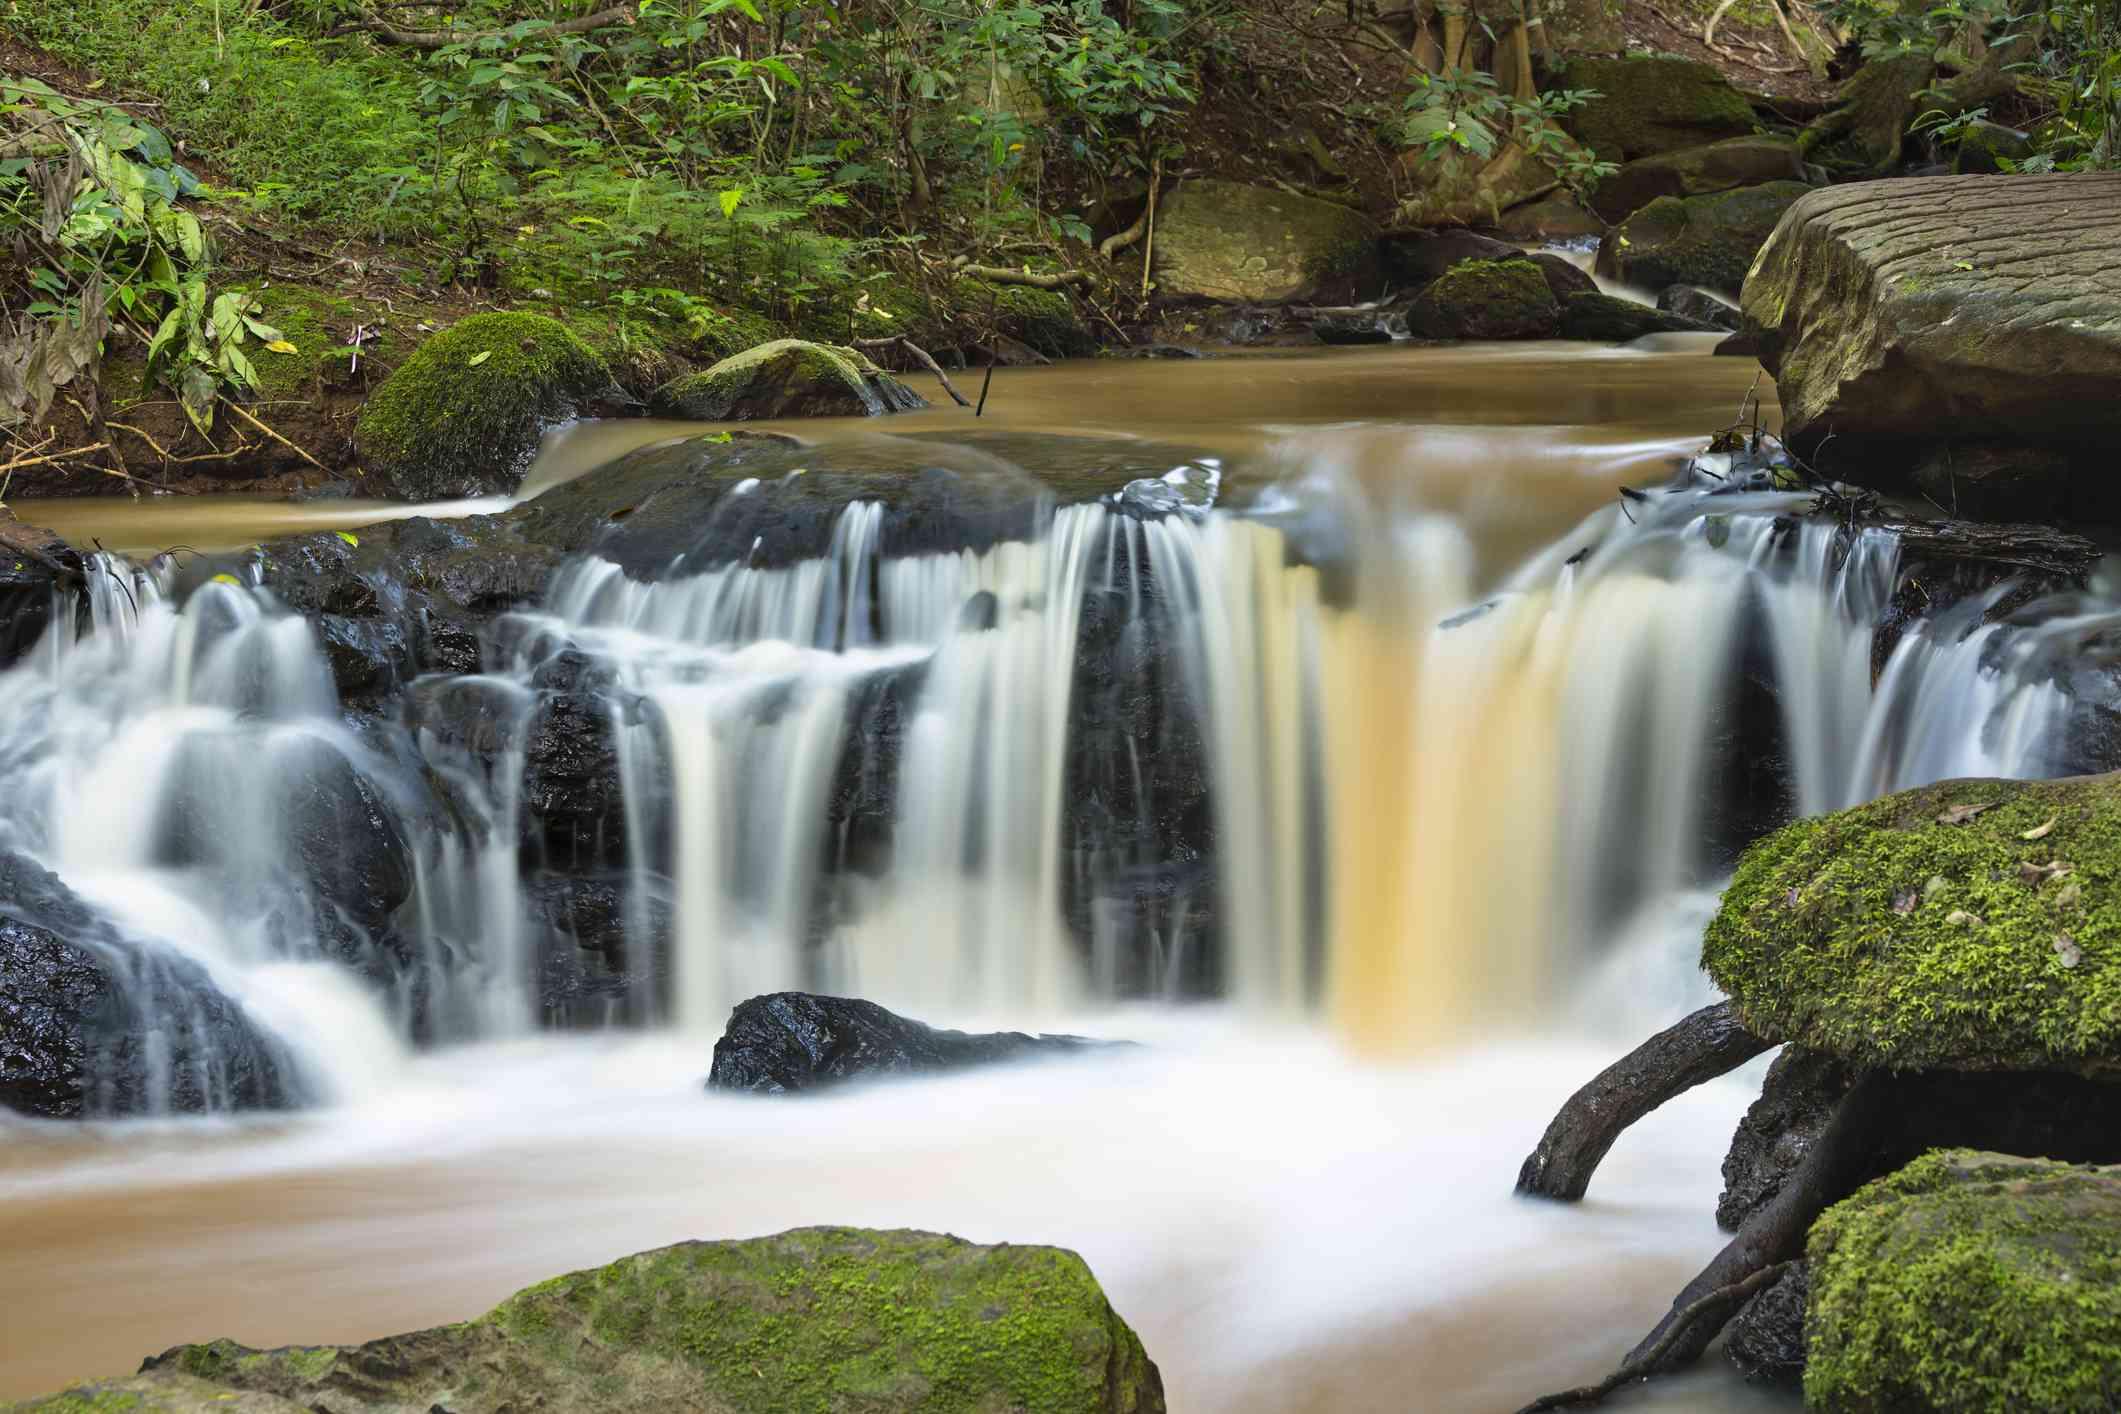 Waterfall in Karura Forest, Nairobi